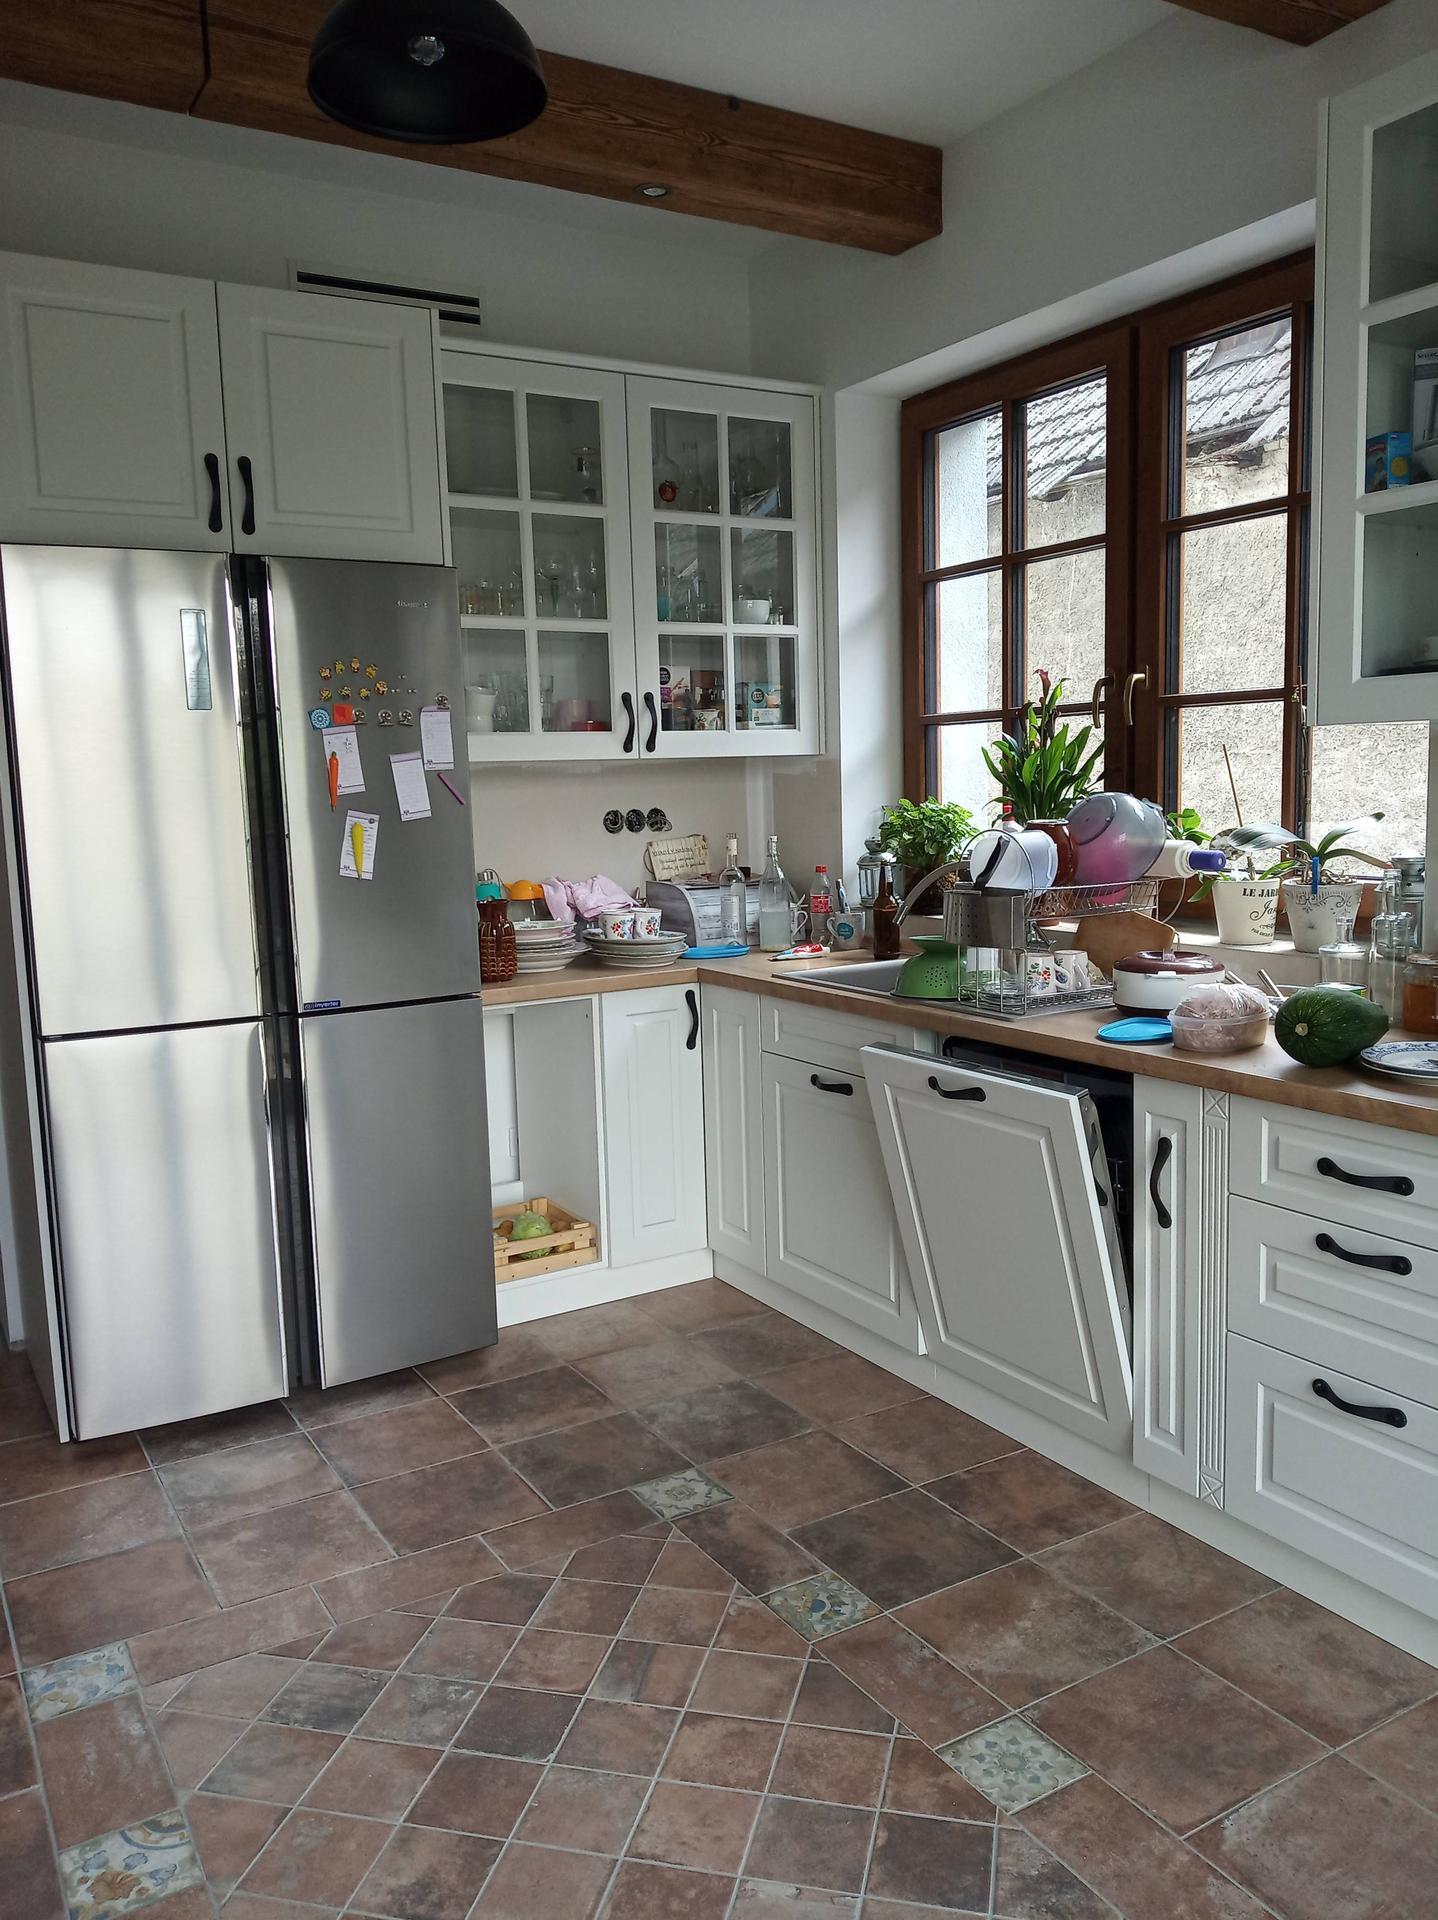 Kuchyňa svojpomocne - Ospravedlňujem sa bordel na kuchynskej linke :)